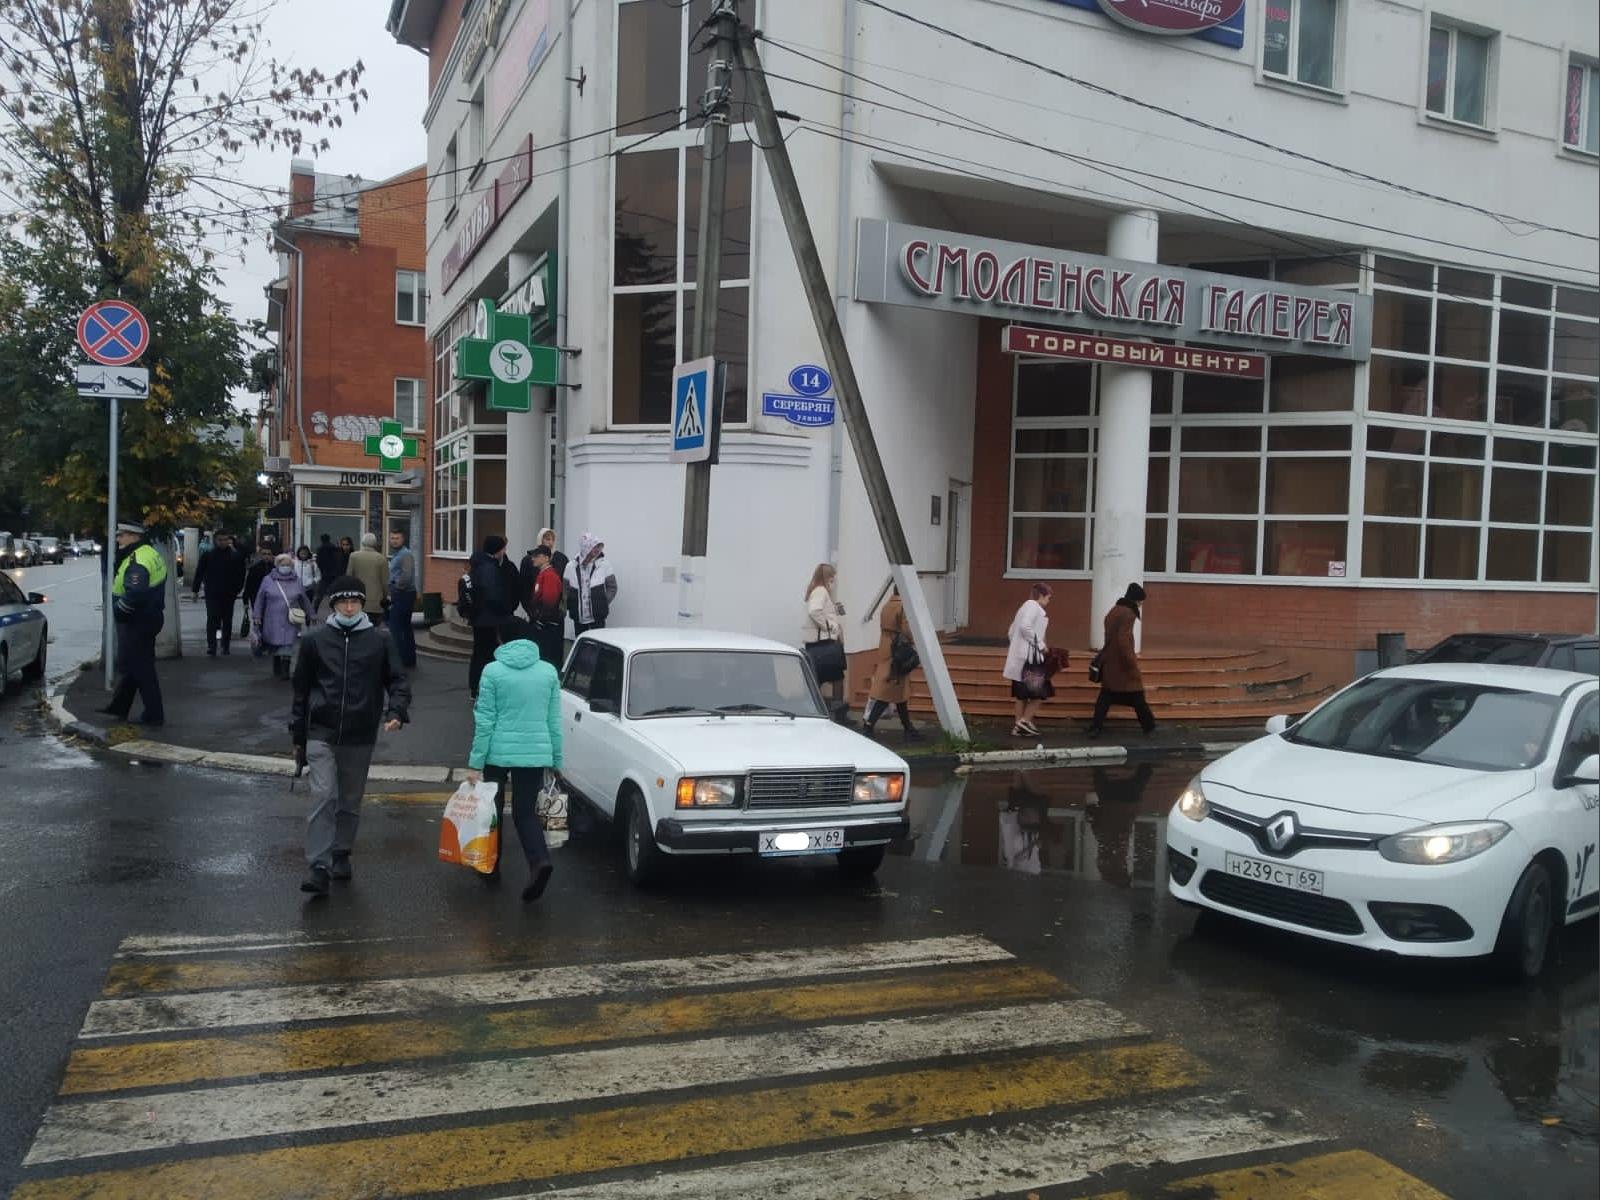 В Твери молодой водитель не справился с управлением и сбил стоявшую на тротуаре пенсионерку - новости Афанасий